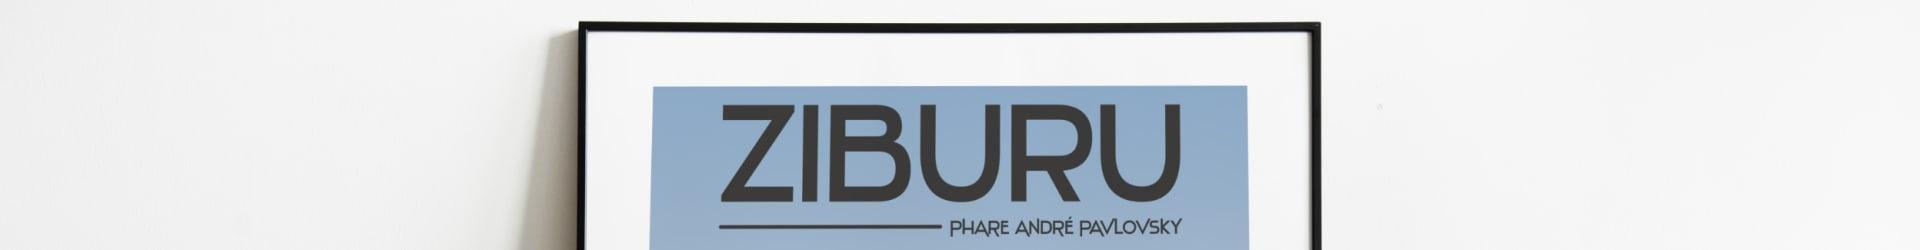 ZIBURU – Phare